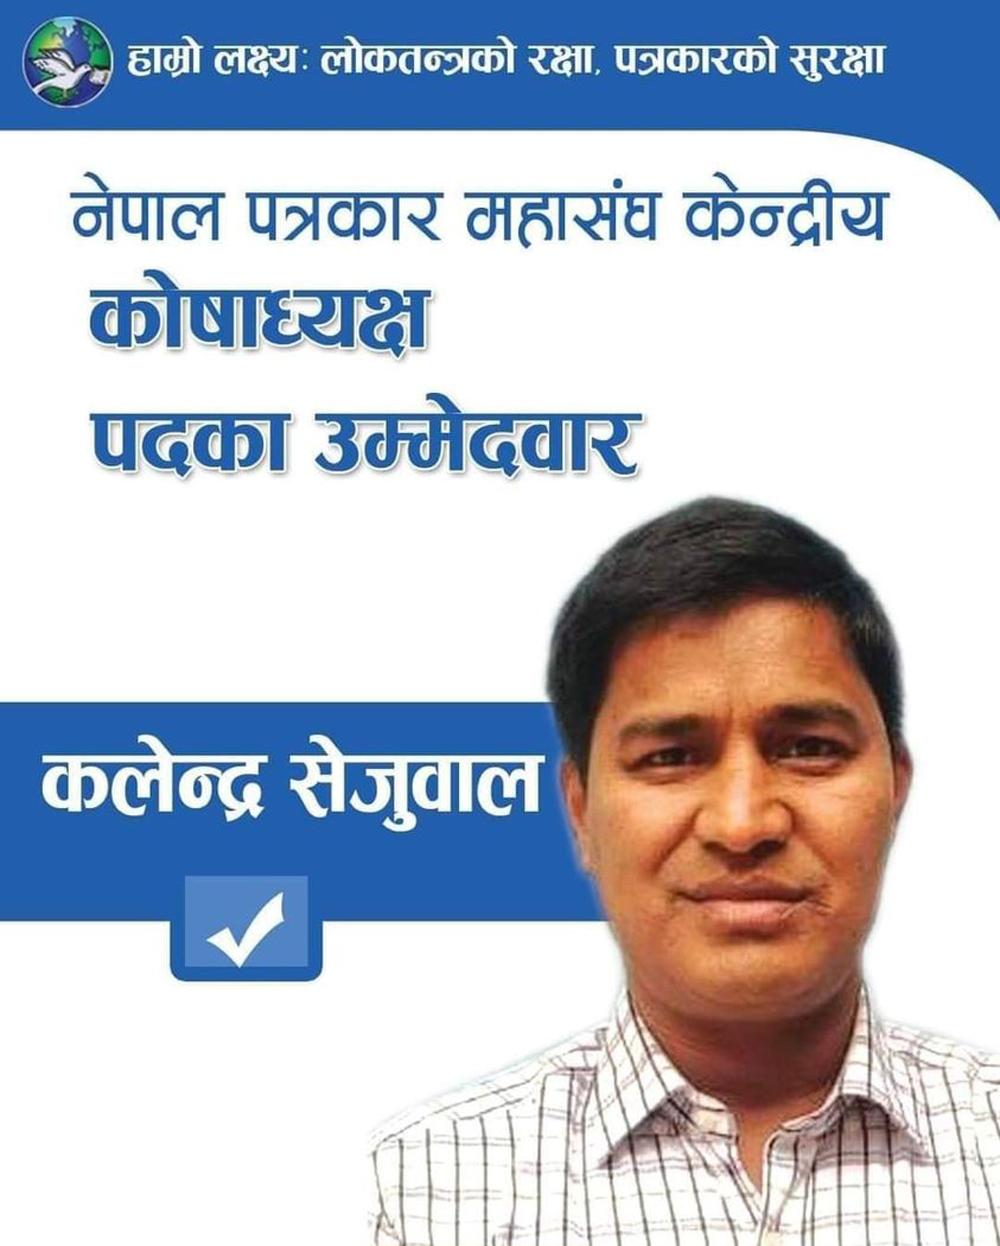 काठमाण्डौ शाखाको चुनावी मैदानमा लोकप्रियता देखिएको फोटो